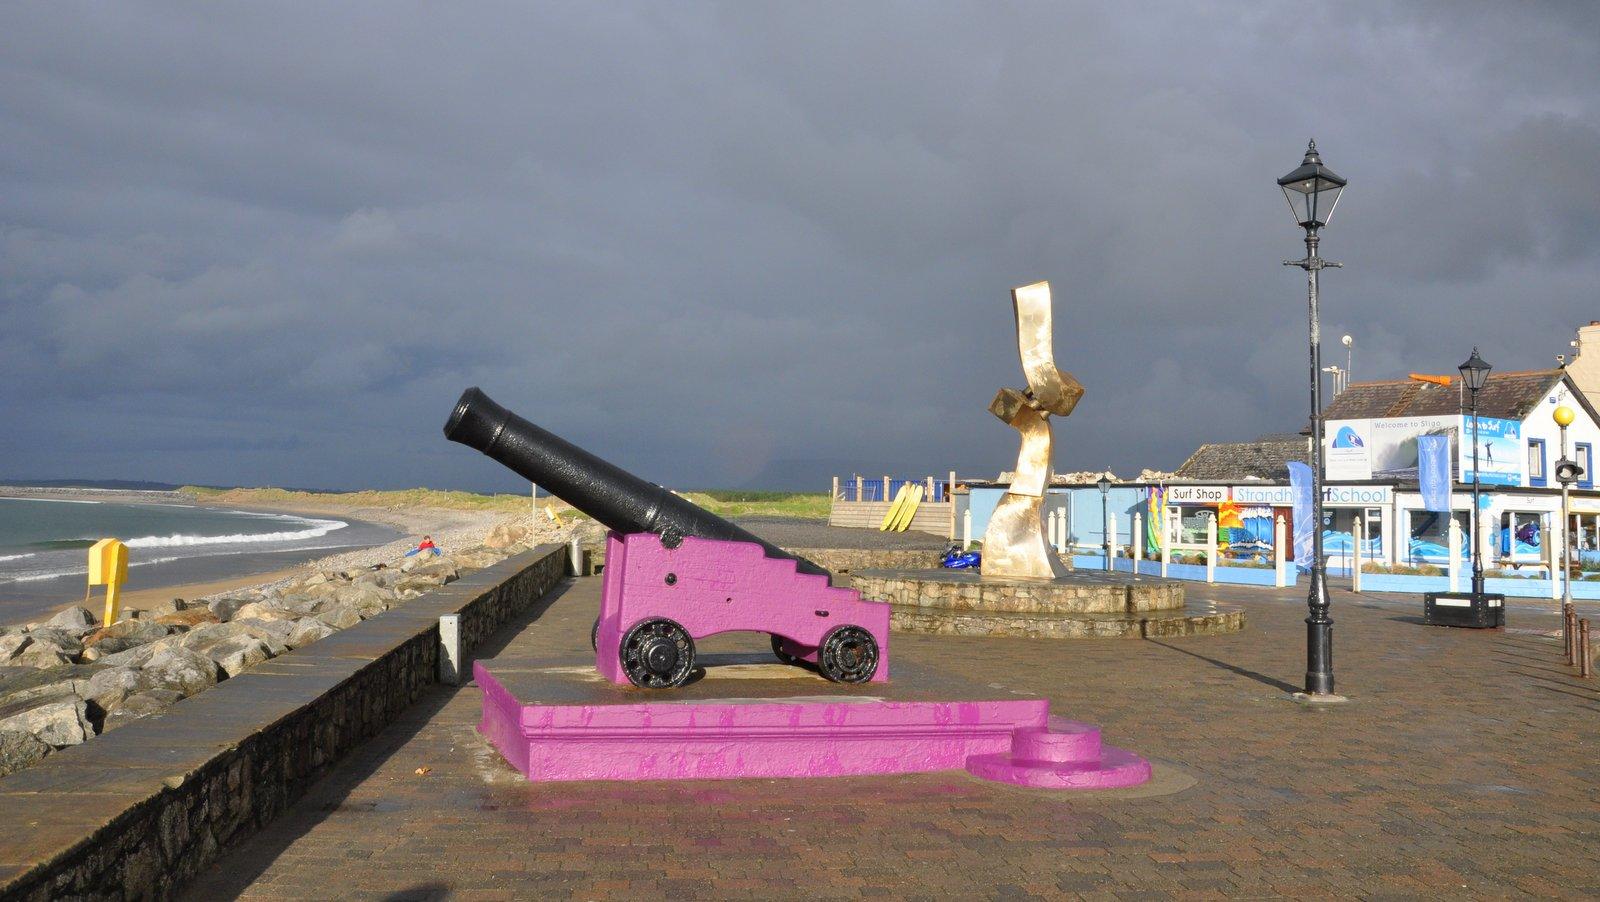 La plage de Strandhill près de Sligo